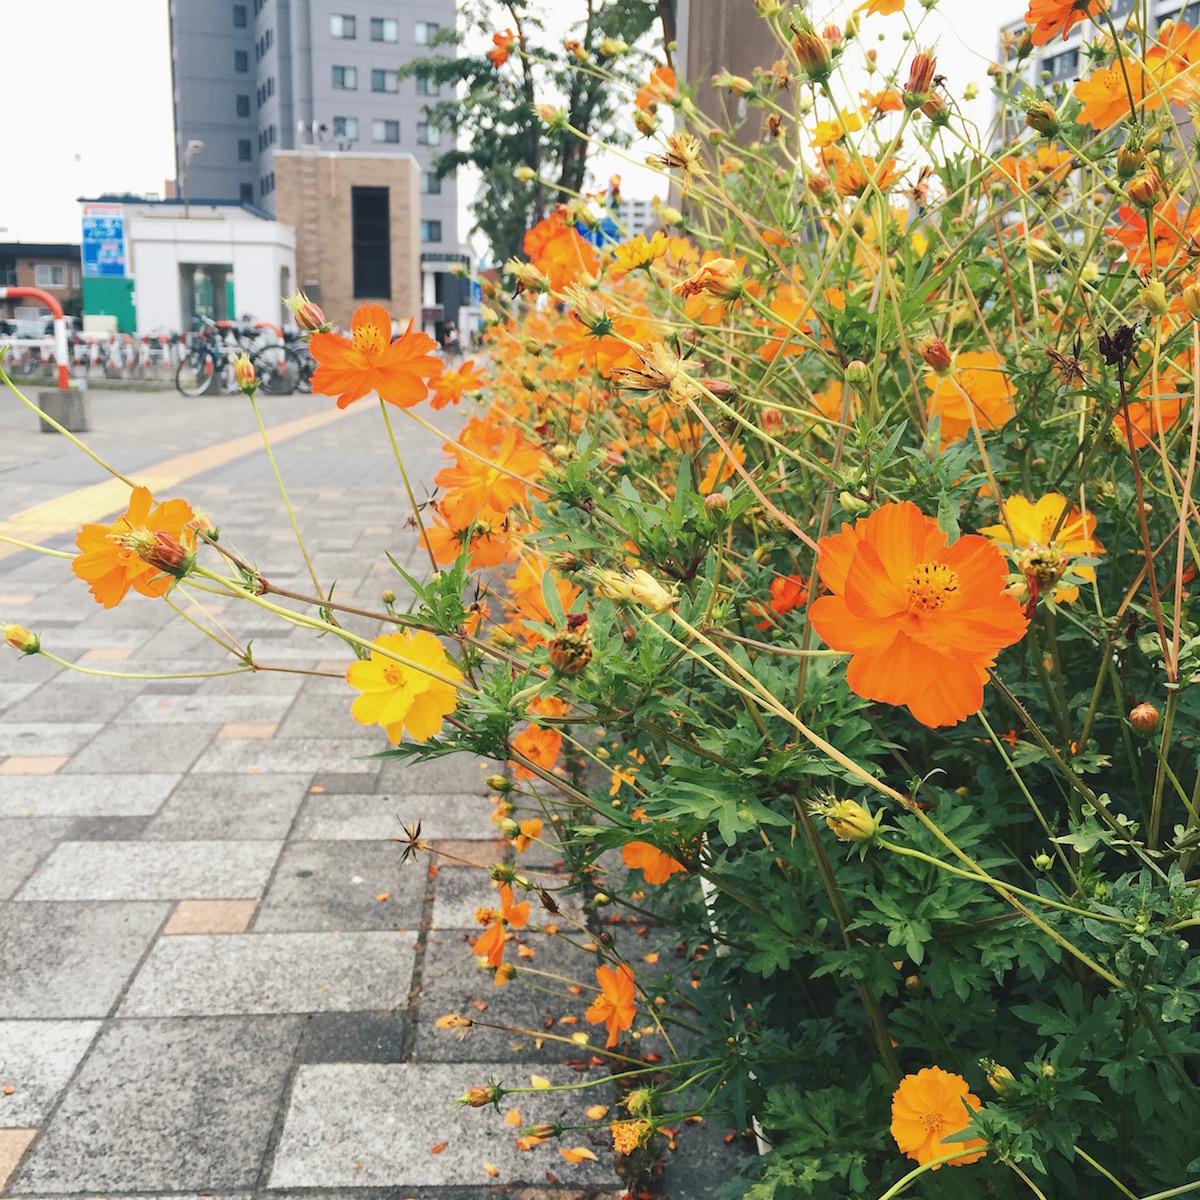 Rainbowholic Travels To Hokkaido